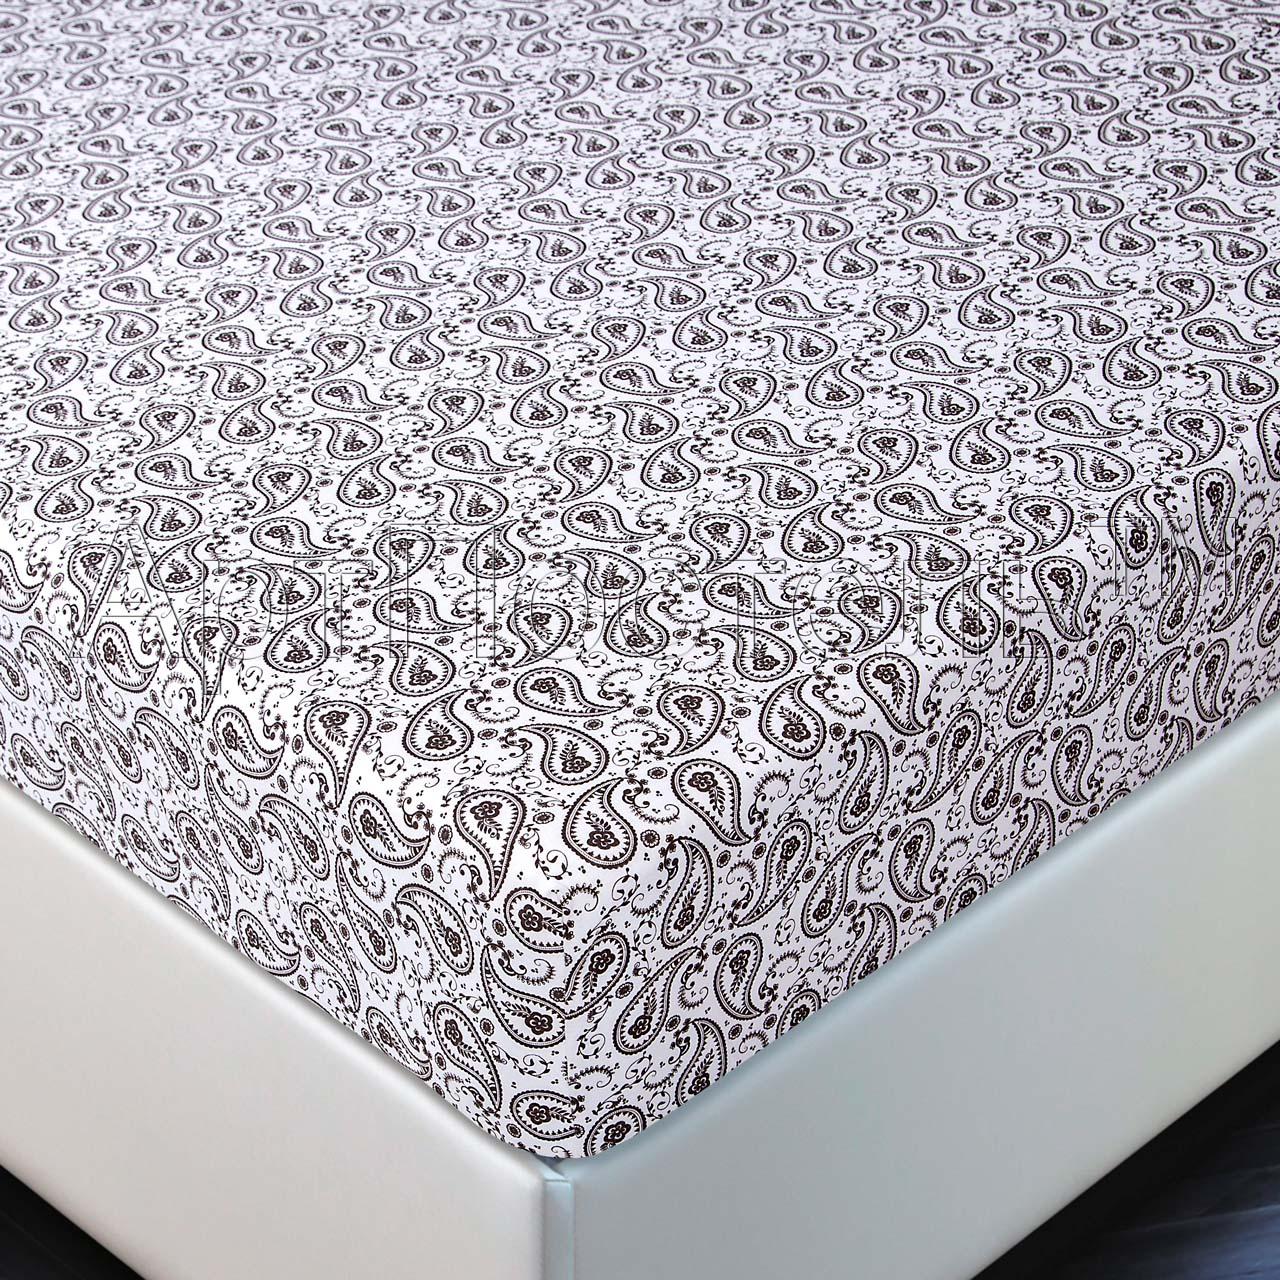 Простыня на резинке Ажур р. 160х200Простыни<br>Плотность ткани: 140 г/кв. м <br>Высота матраса: 20 см<br><br>Тип: Простыня на резинке<br>Размер: 160х200<br>Материал: Кулирка